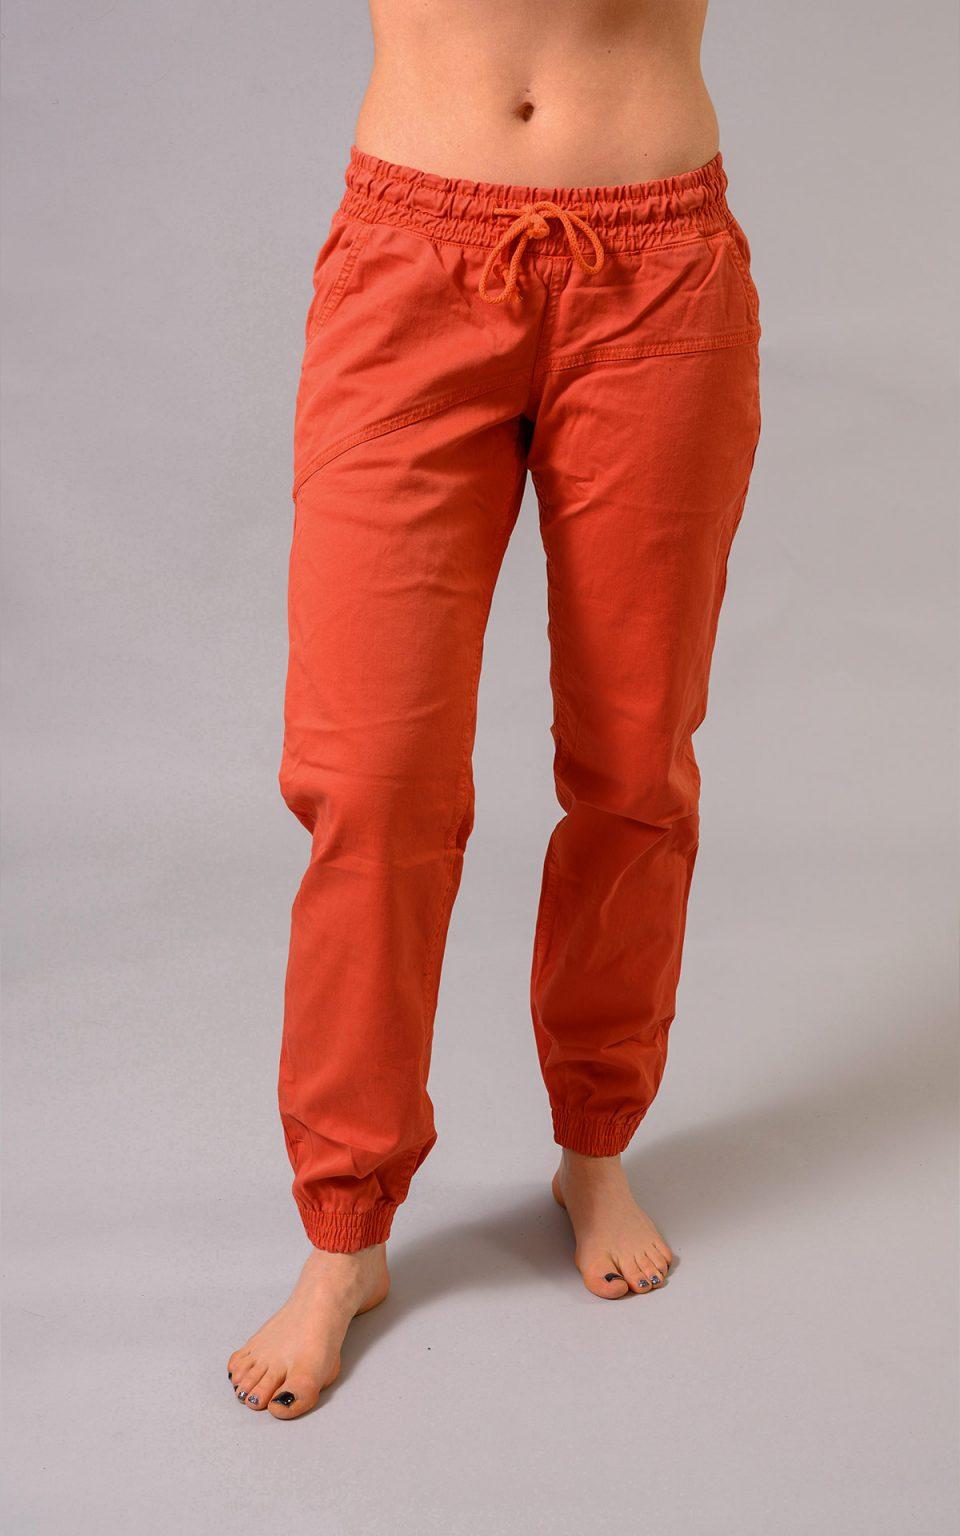 Cotton Crosscut pants - brick orange